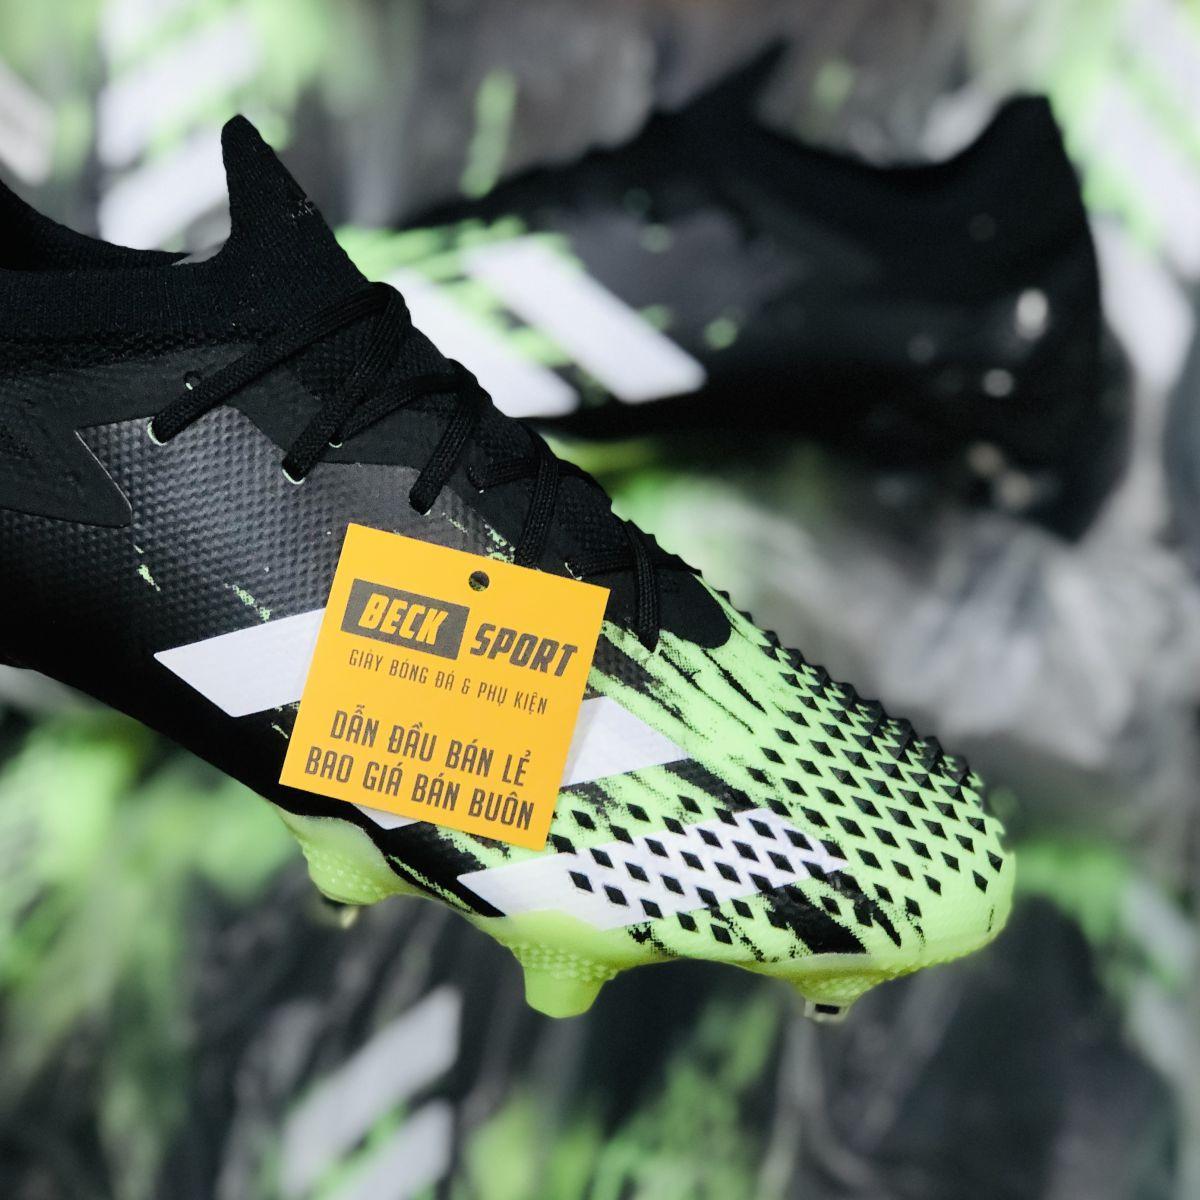 Giày Bóng Đá Adidas Predator 20.1 Đen Mũi Xanh Lá Vạch Trắng FG